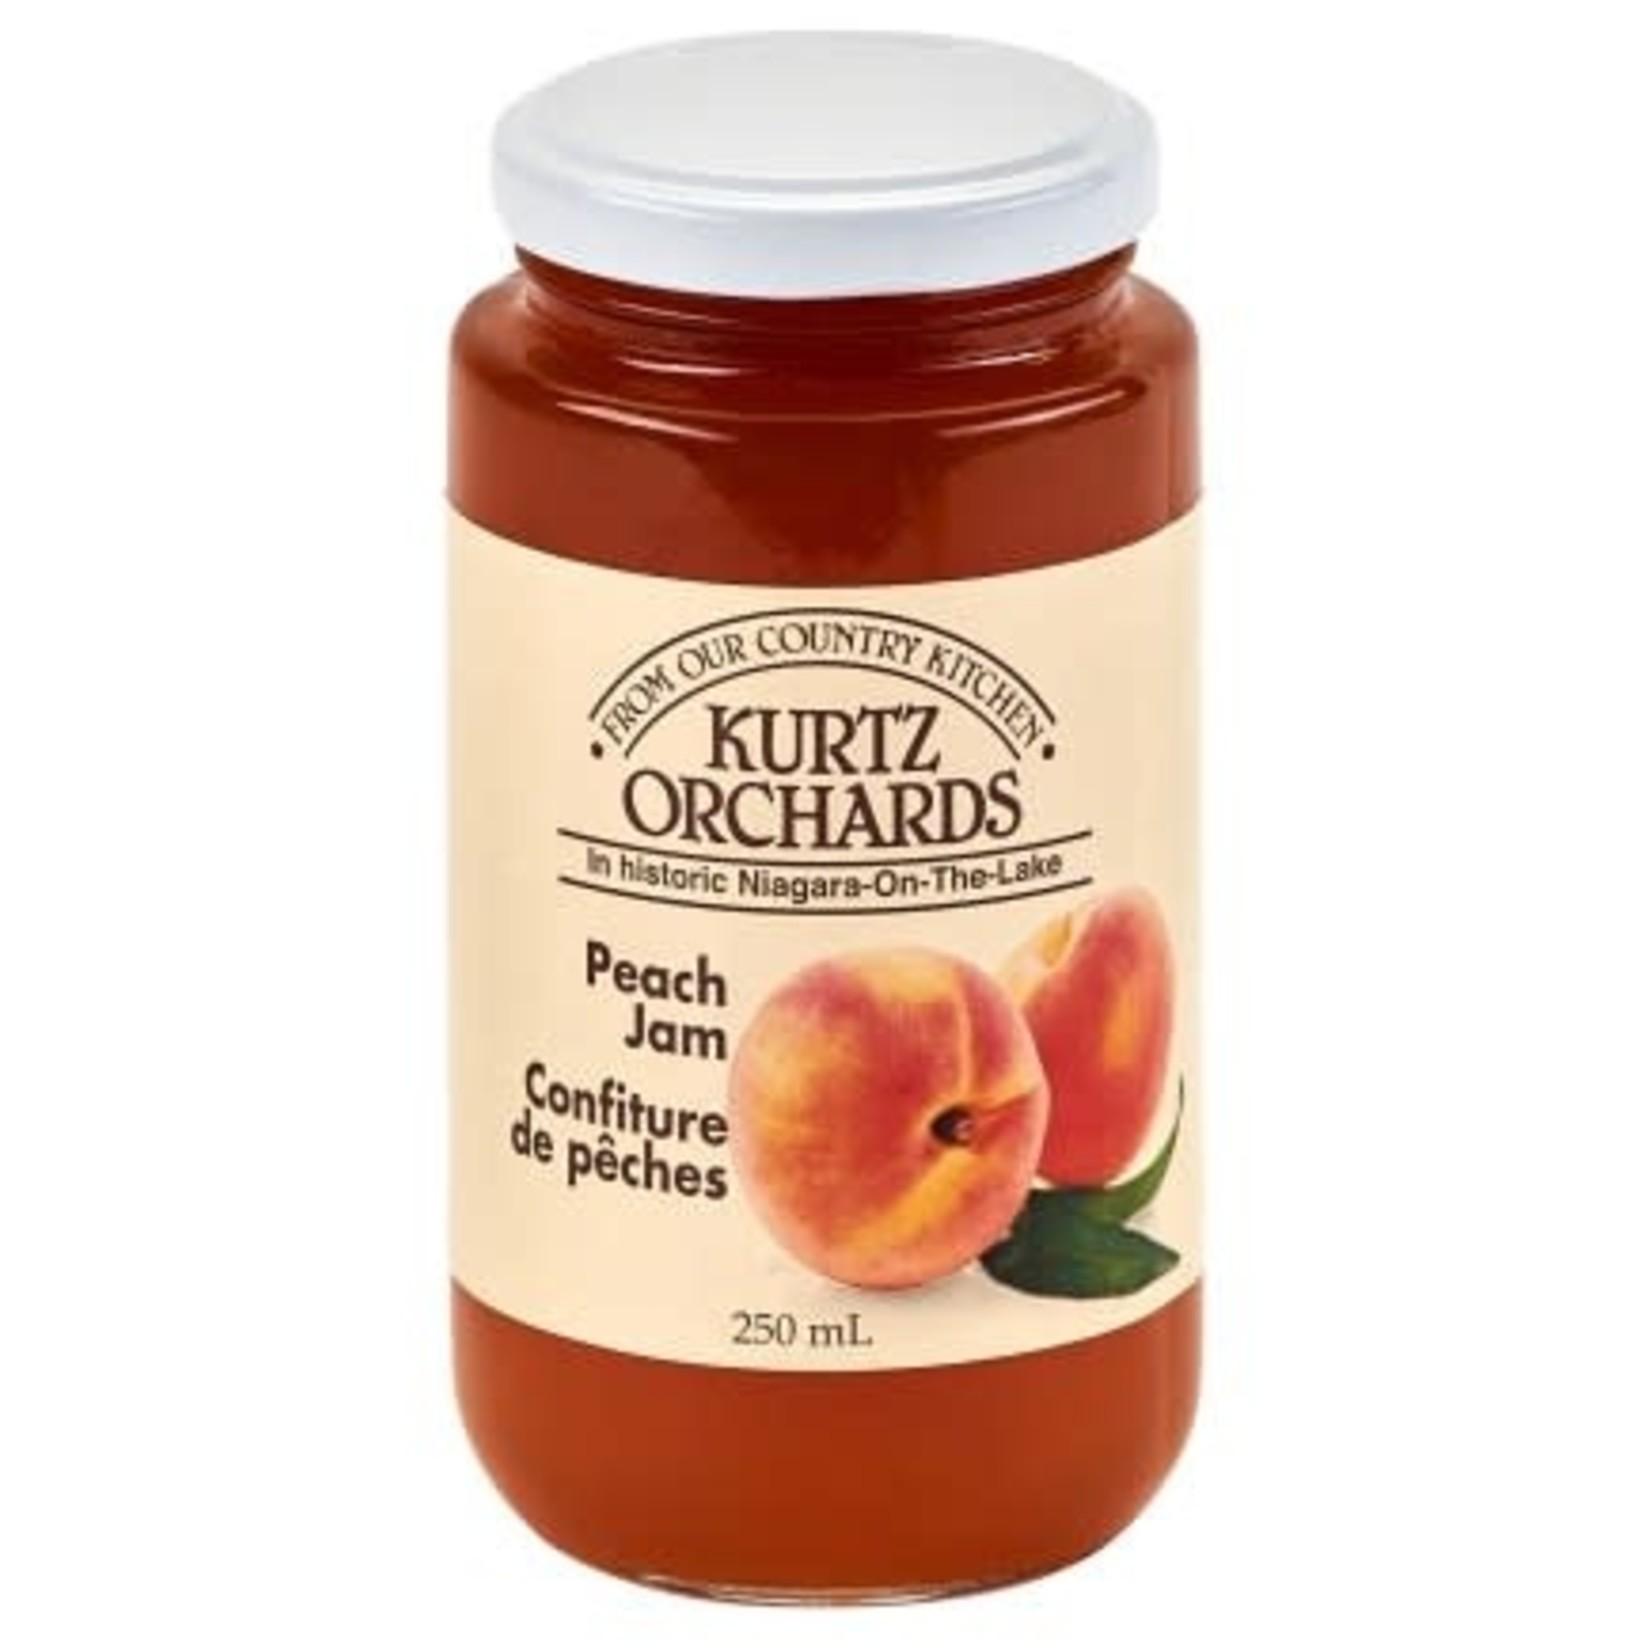 Kurtz Orchards Kurtz Jams